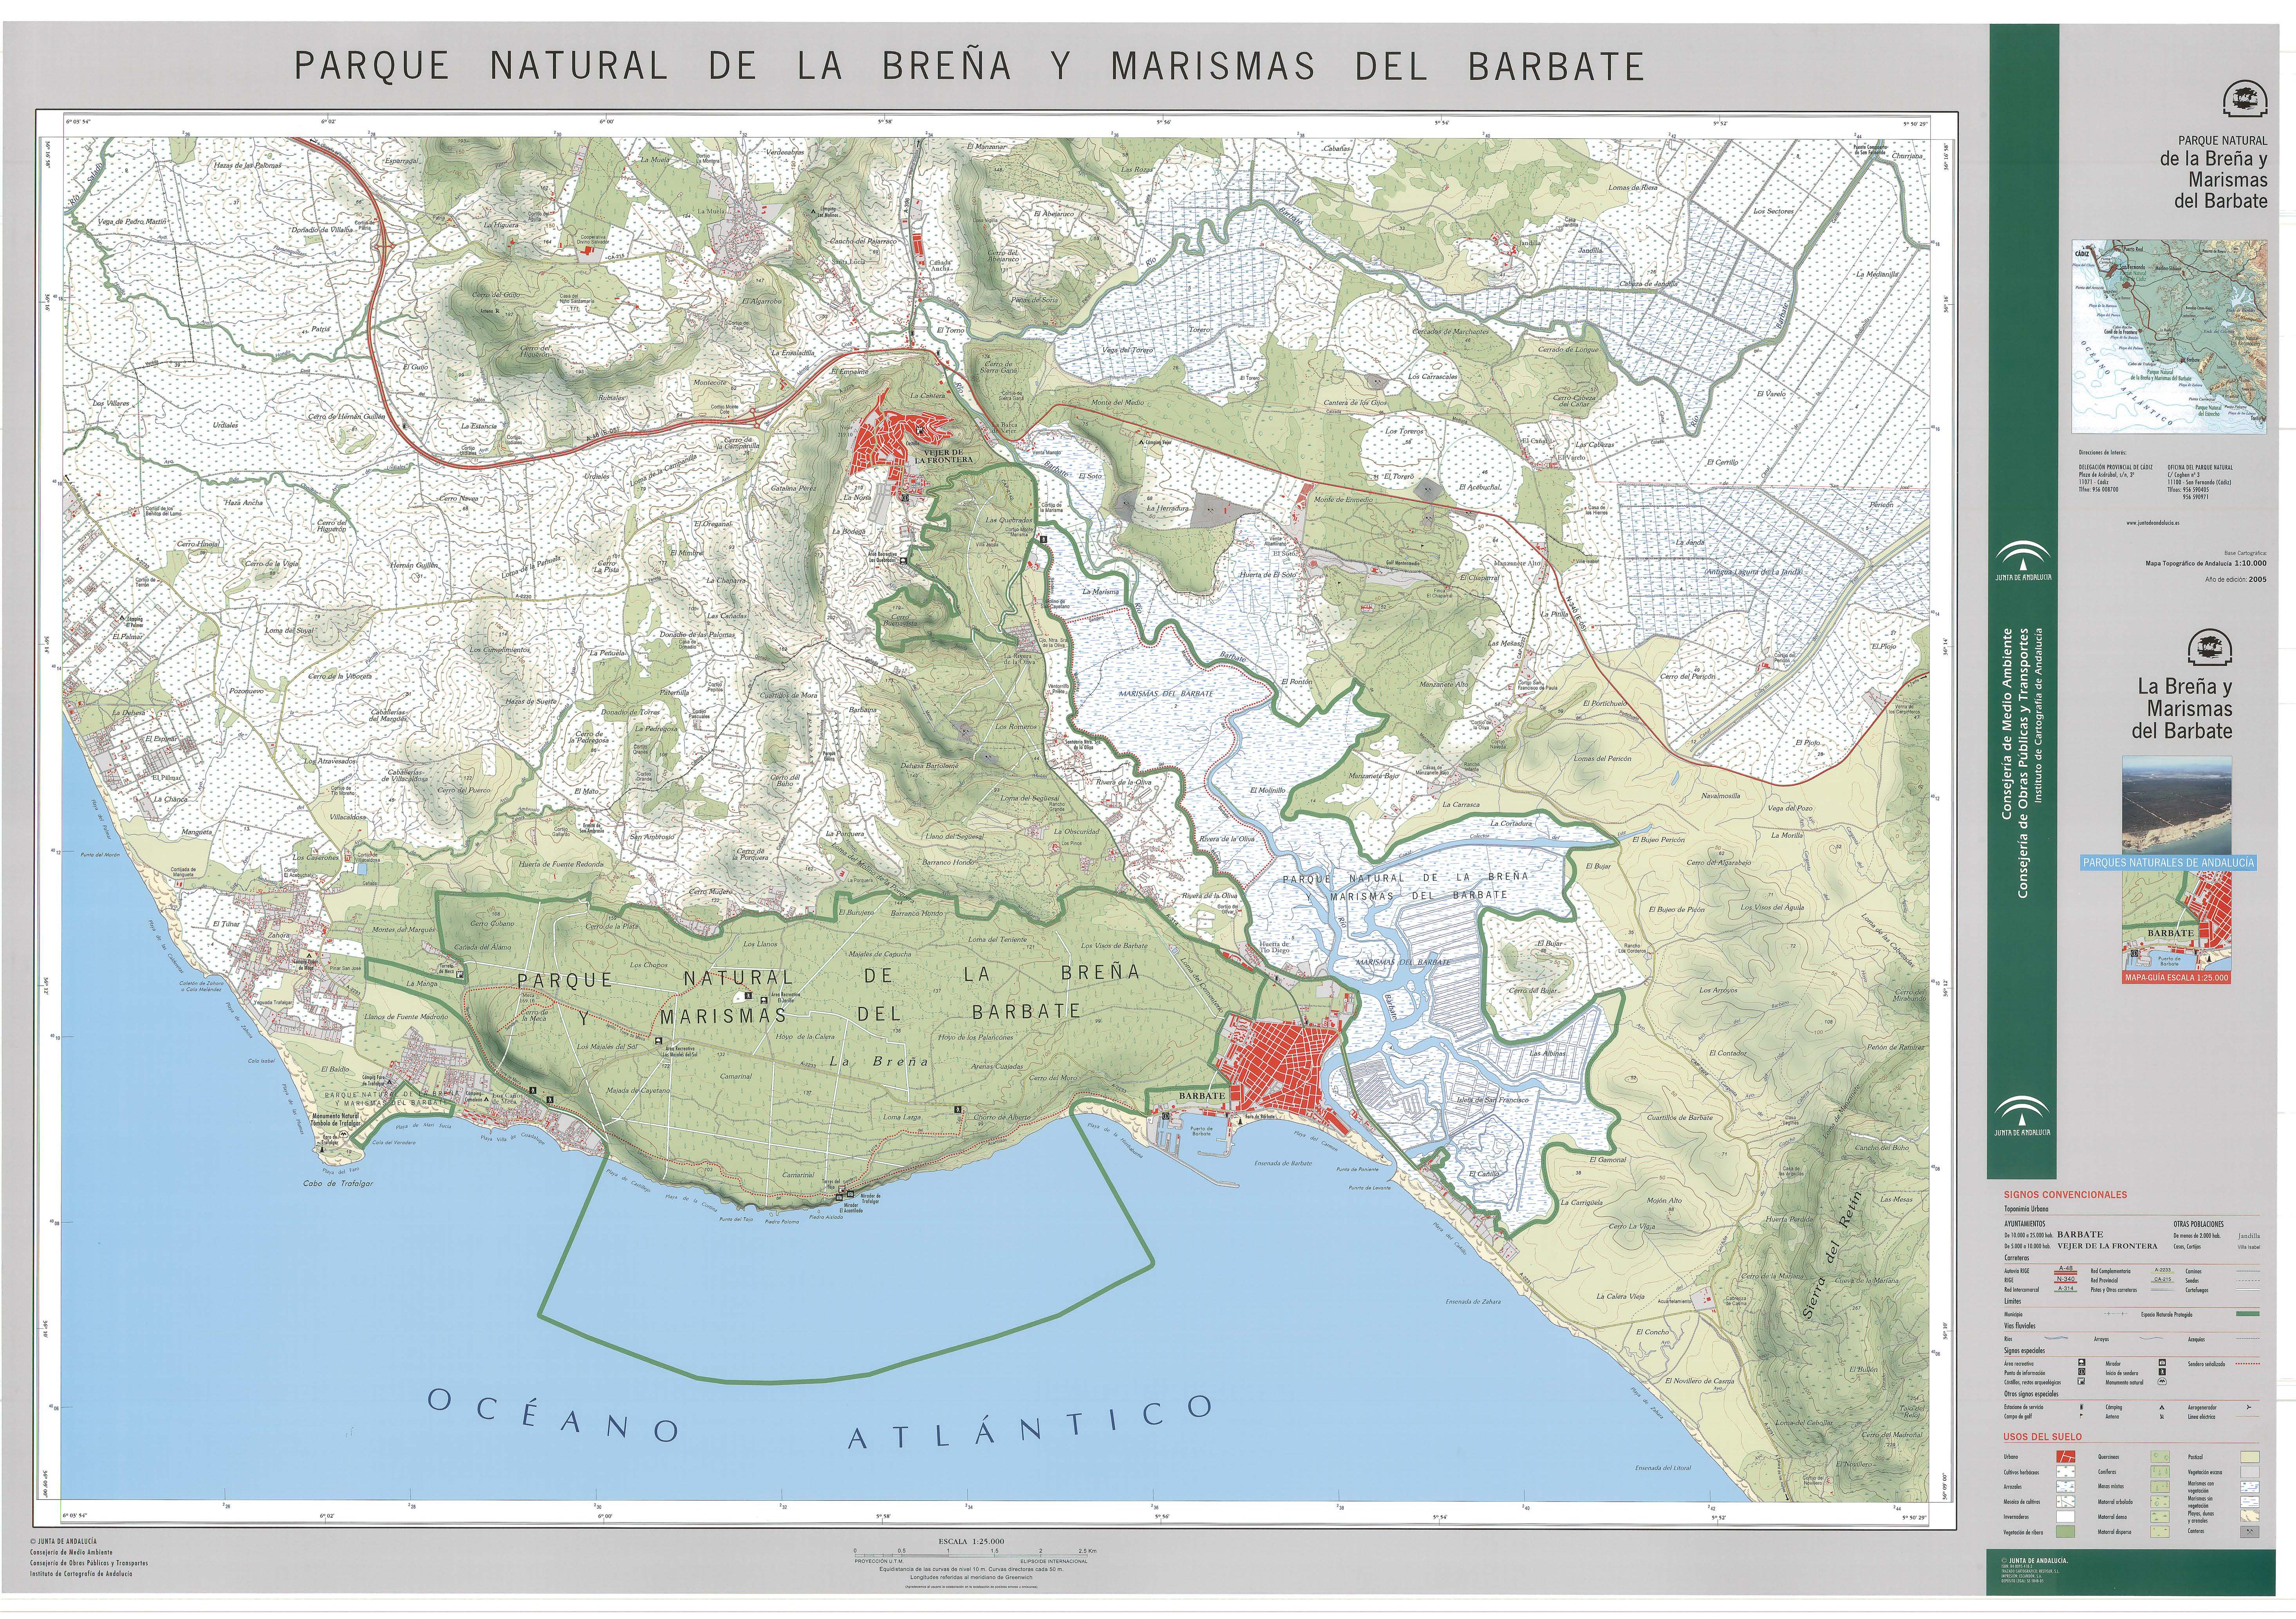 La Breña y Marismas del Barbate Natural Park 2005